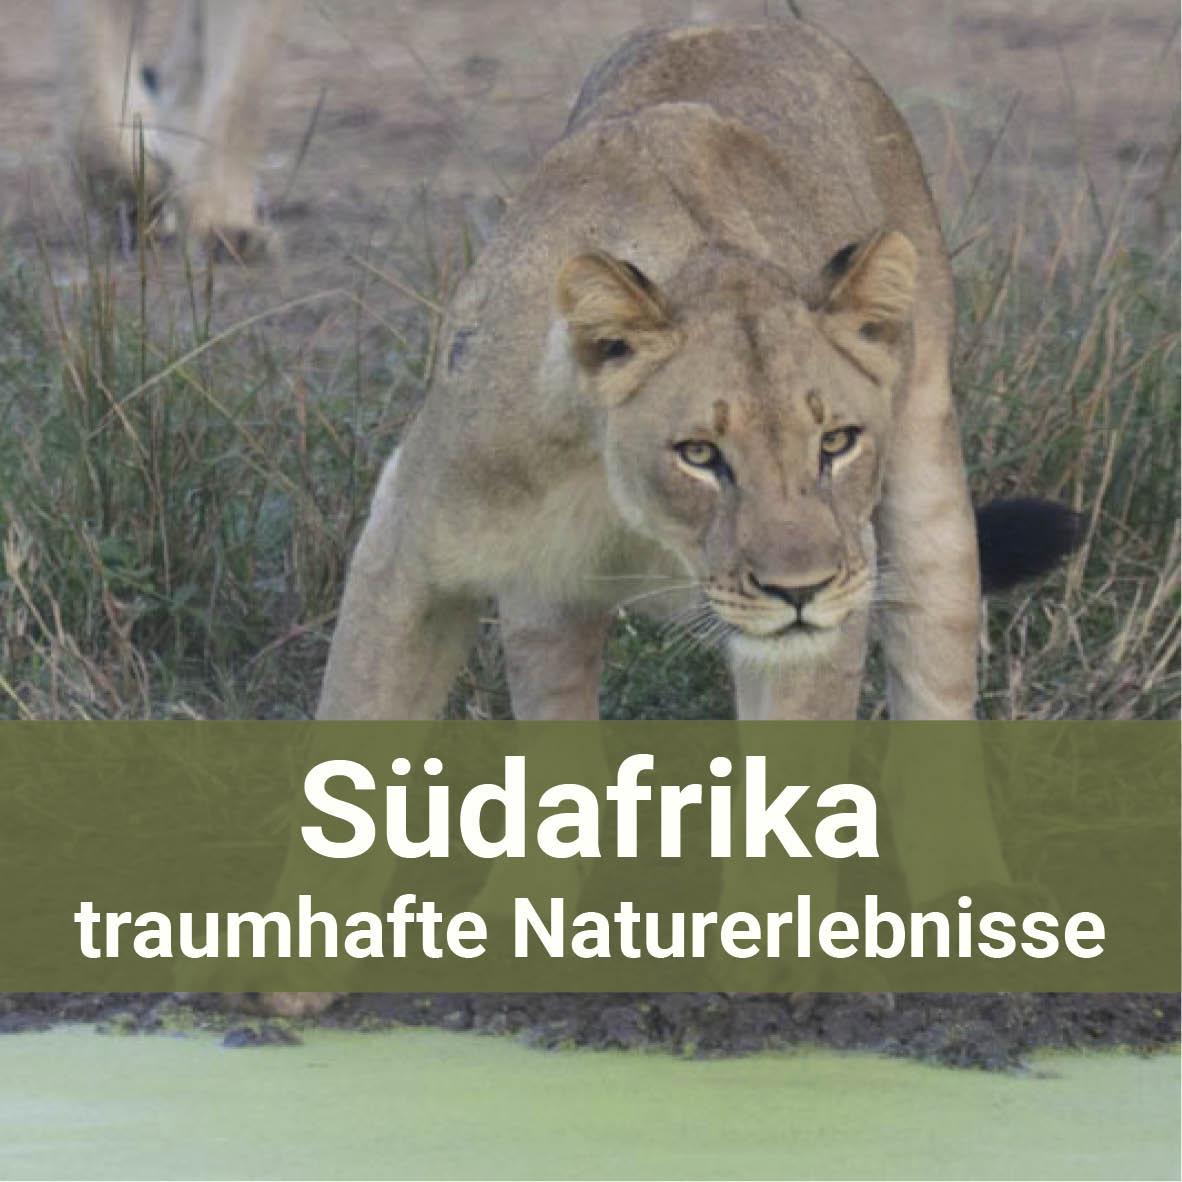 Südafrika - traumhafte Naturerlebnisse